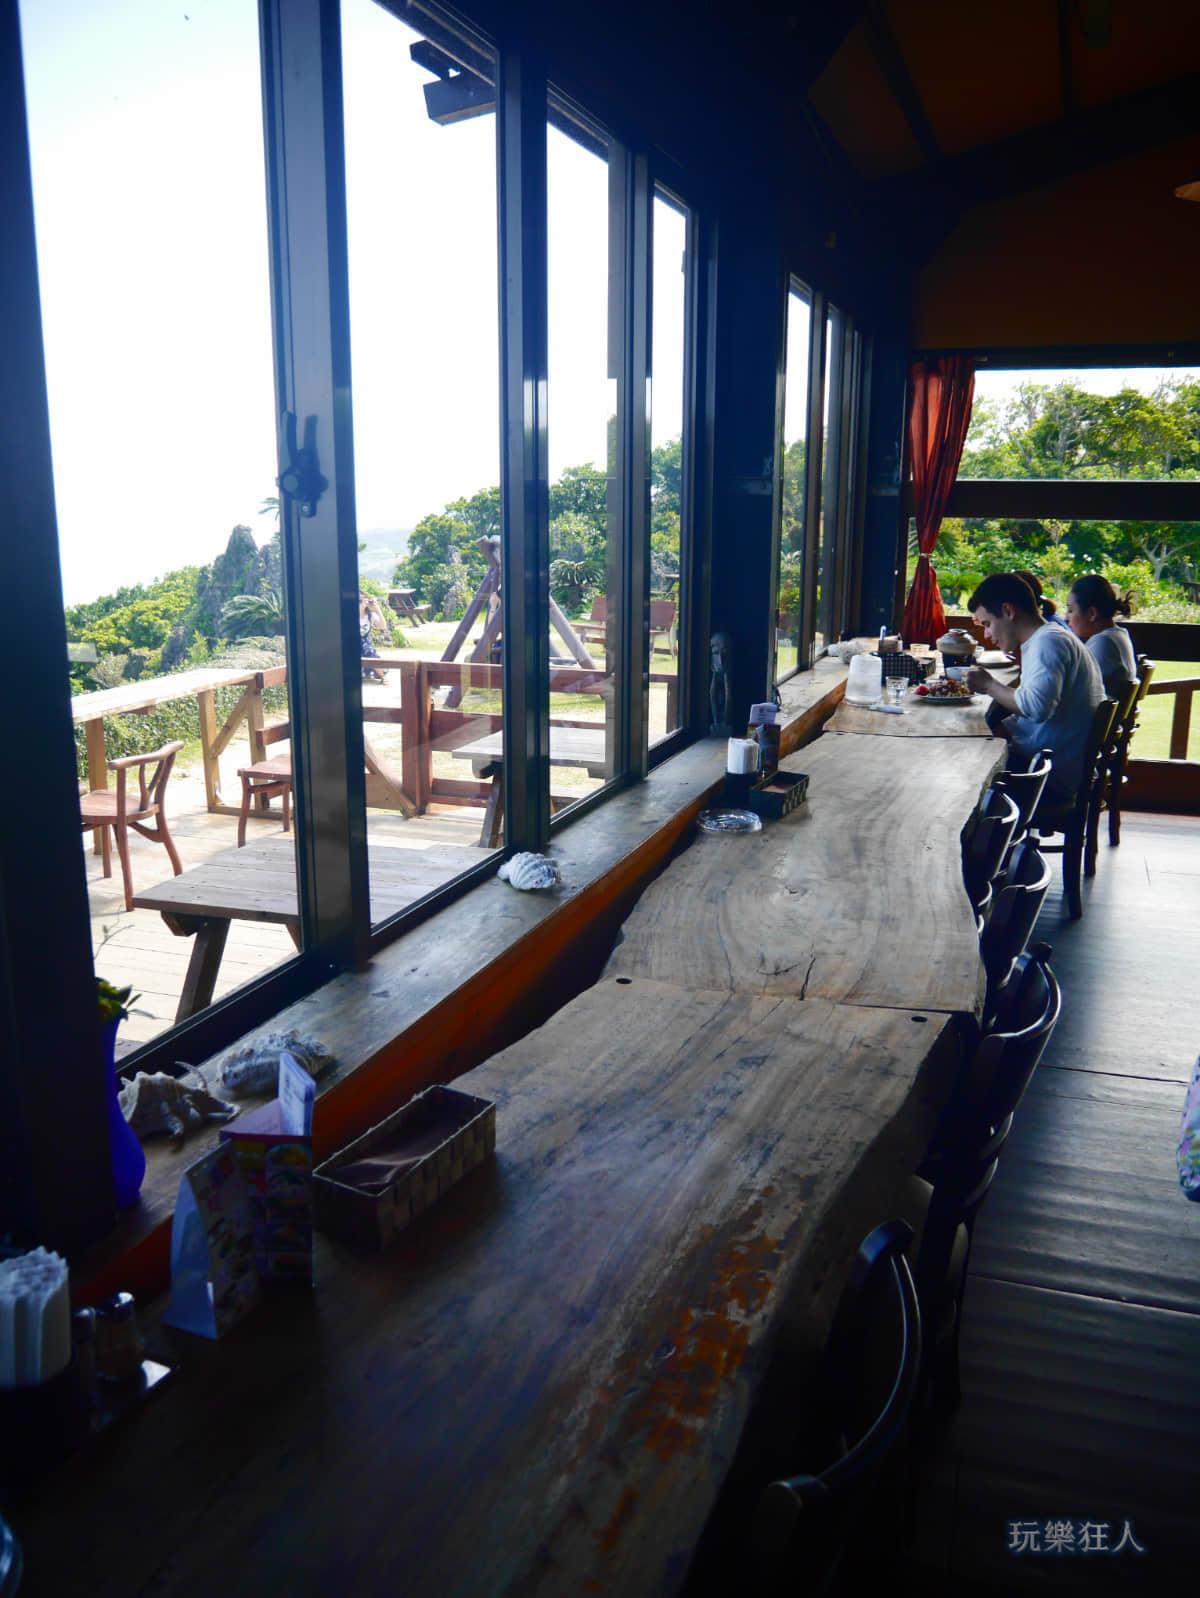 『Cafe Curcuma』室內用餐座位第二區窗邊